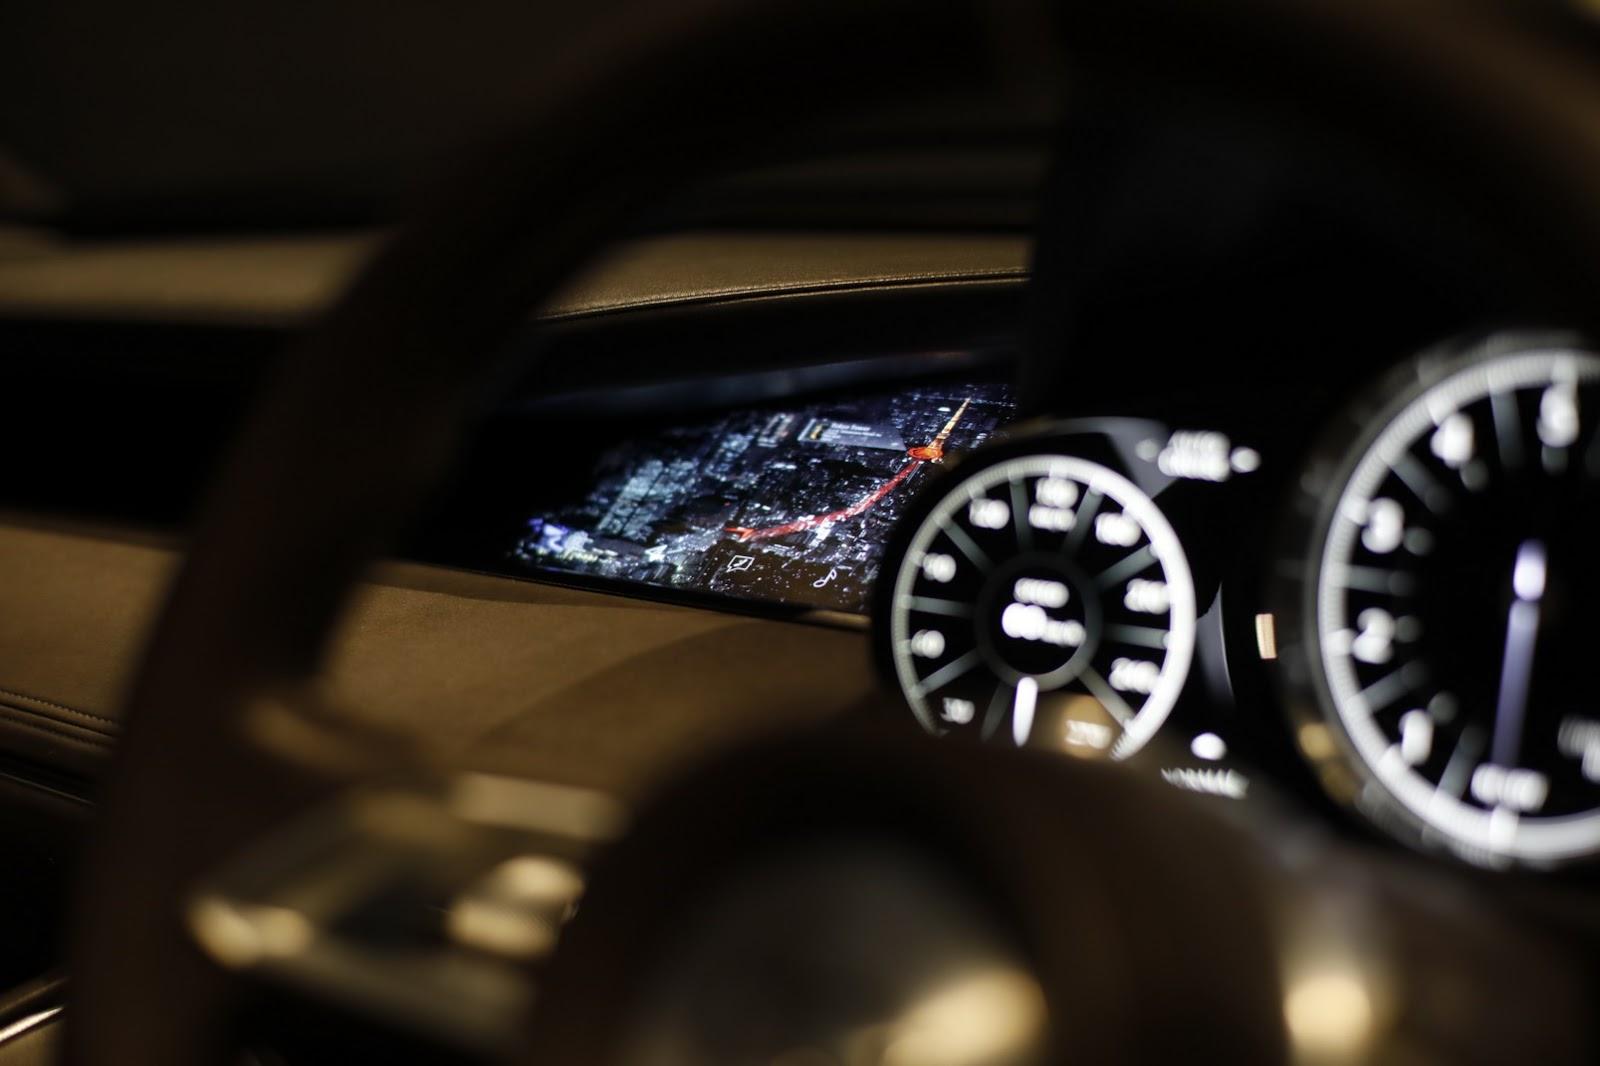 Mazda đang phát triển động cơ xăng và dầu 6 động cơ Skyactiv-X mới - 05